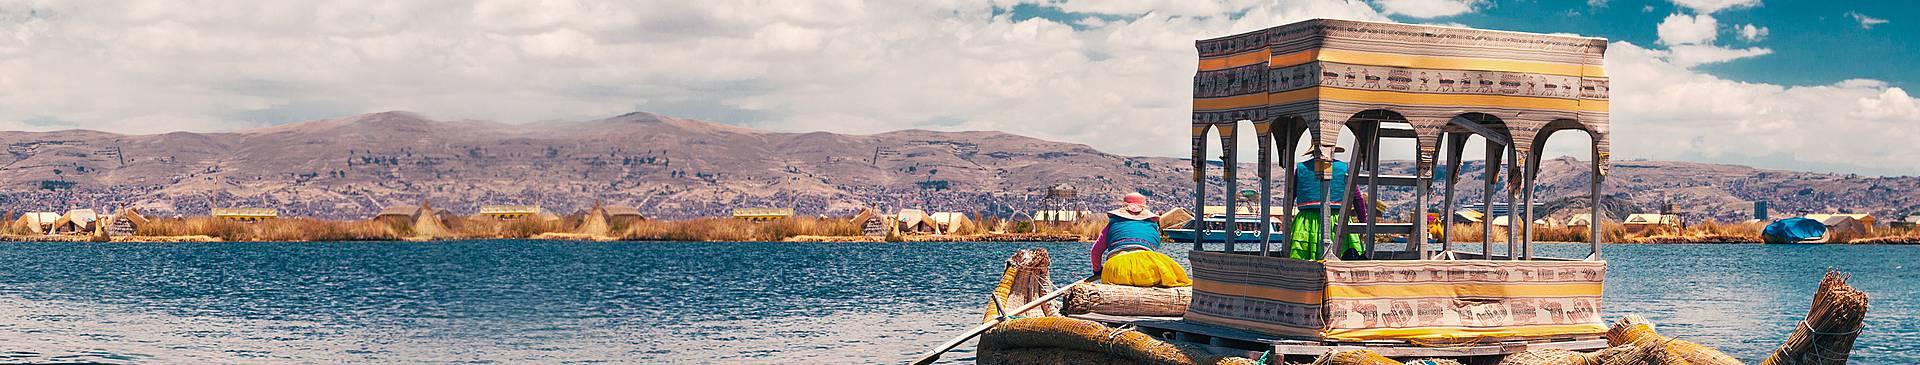 Peru lakes